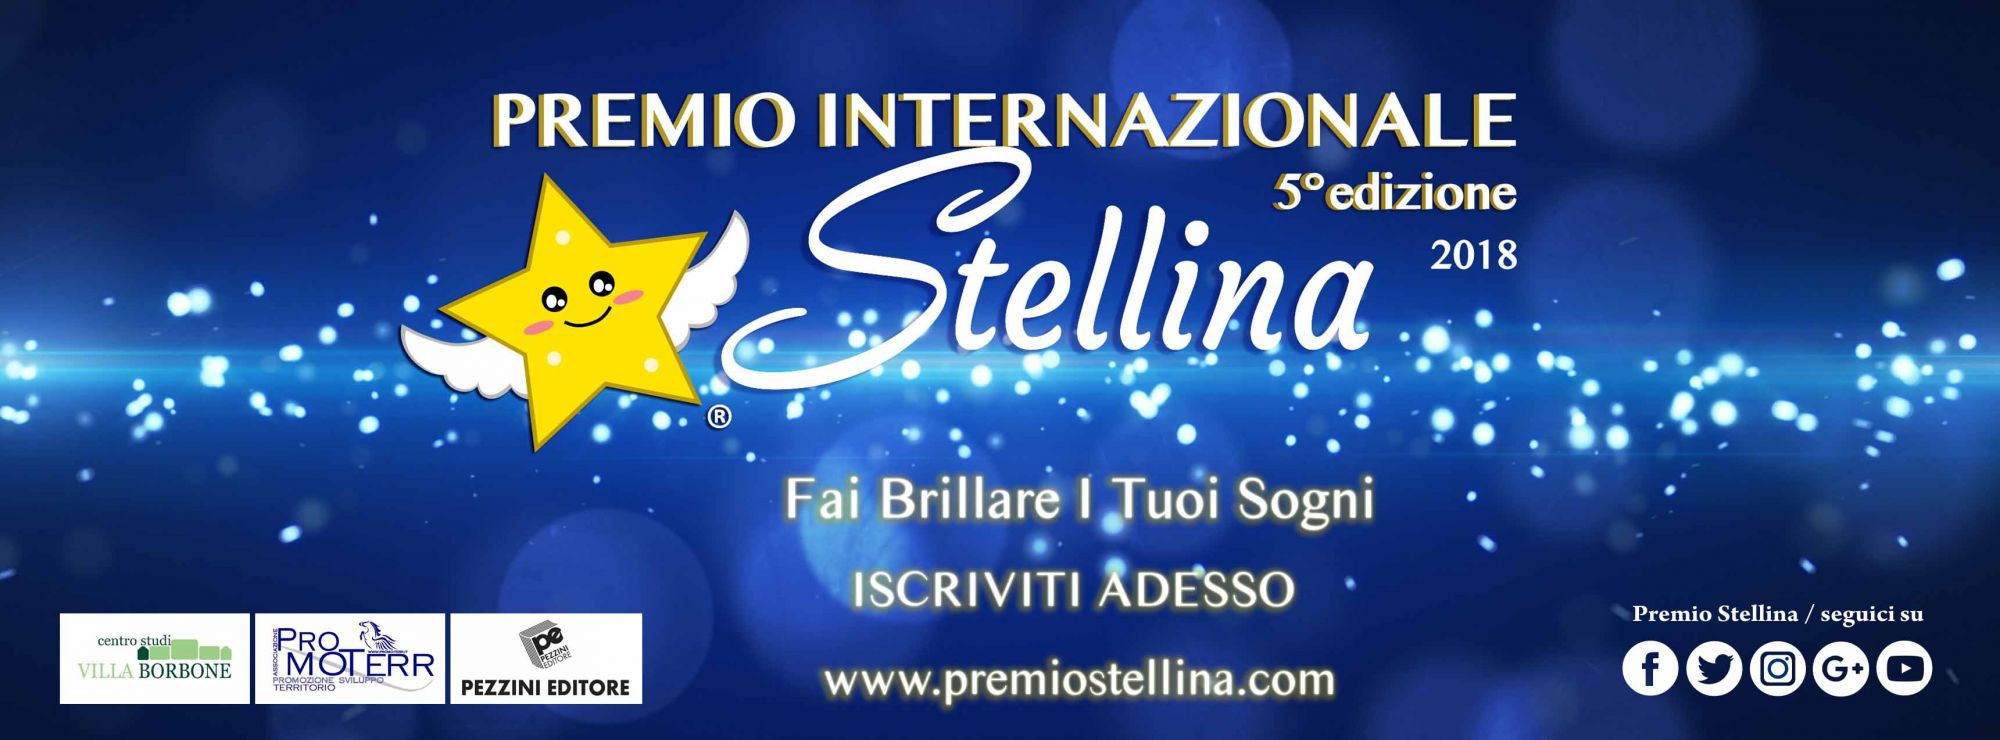 Premio Internazionale Letterario e Artistico Stellina, via alla quinta edizione